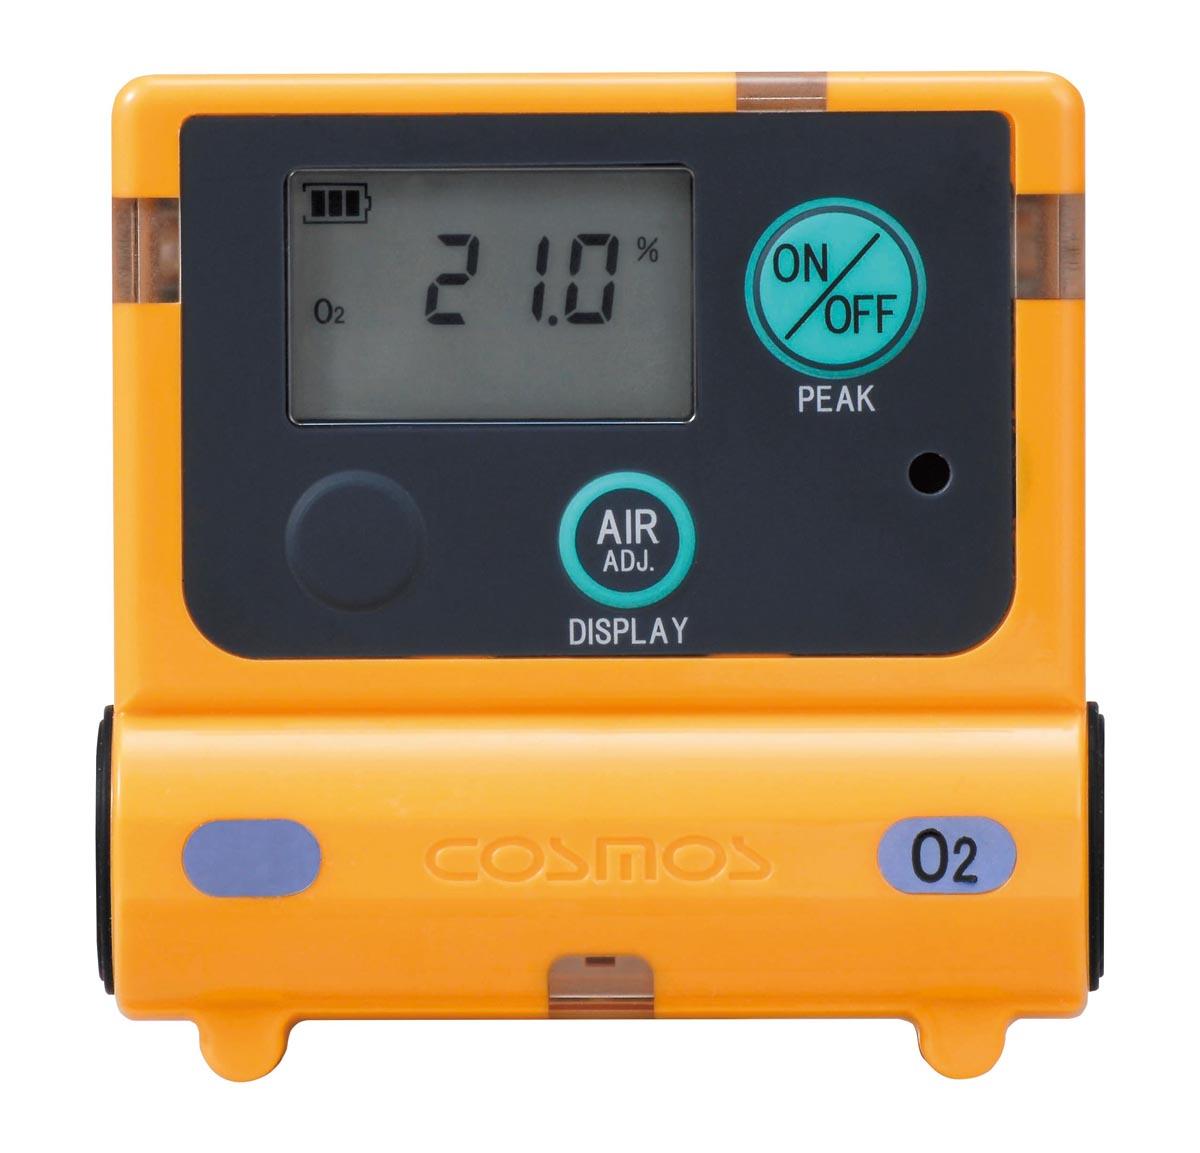 新コスモス電機 装着型ガス検知器 XS-2200